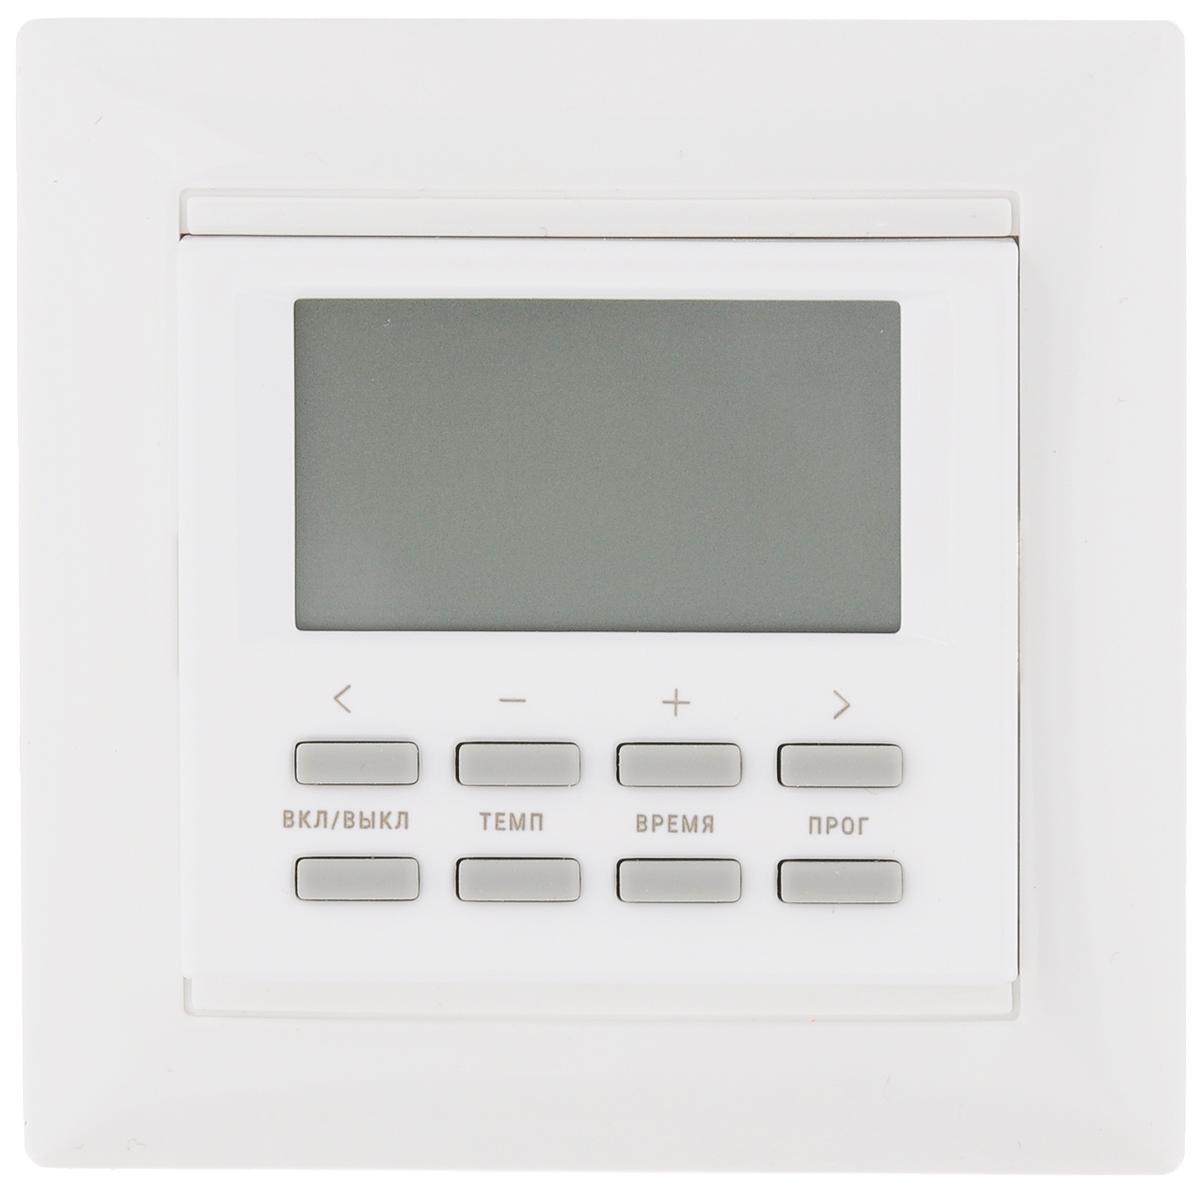 Термостат электронный Spyheat NLC-527HNLC-527HЭлектронный термостат Spyheat NLC-527H предназначен для управления системами отопления и вентиляции в жилых и производственных помещениях, в том числе и кабельными системами обогрева. Термостат комплектуется внешними (для заливки в стяжку тёплого пола, встраивания в каналы приточной вентиляции) датчиками для контроля температуры. Имеет блокировку на случай обрыва или повреждения внешнего датчика. Эксплуатация термостата не требует специального обслуживания. Монтаж осуществляется в помещениях с температурой от 0 до +50°C и влажностью не более 80%.